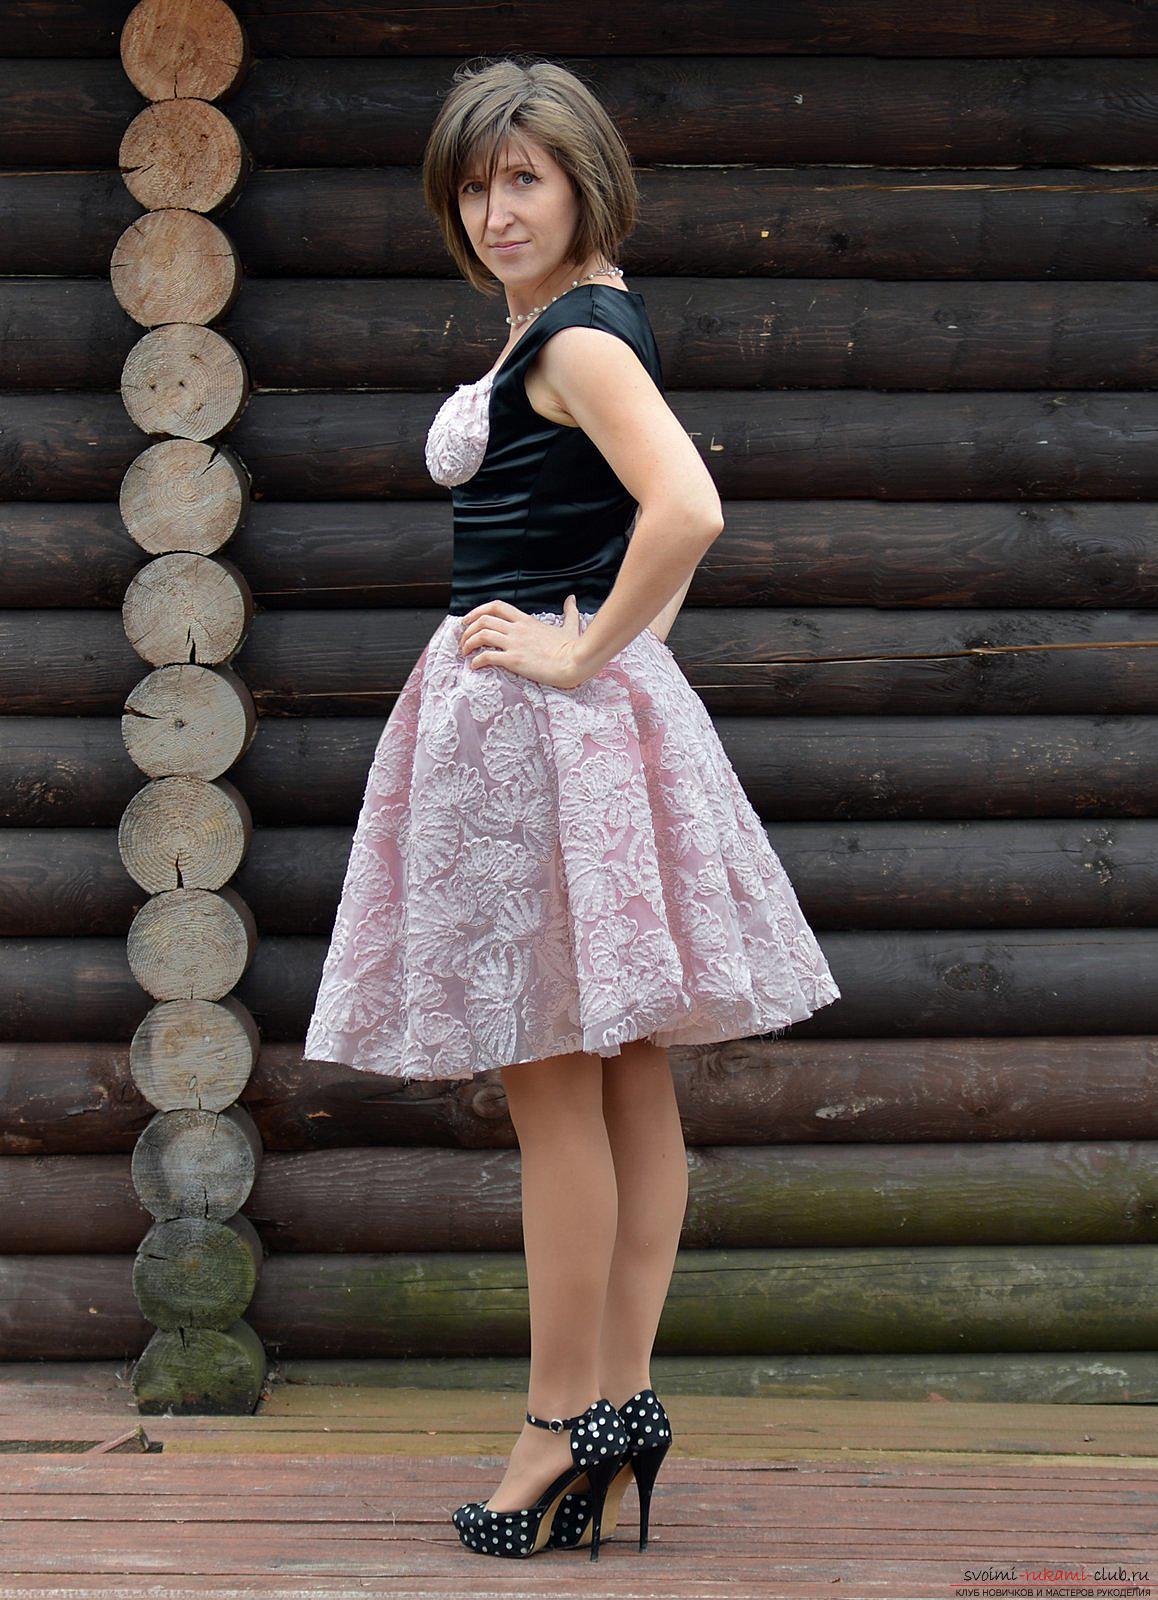 Фатин платье своими руками фото фото 407